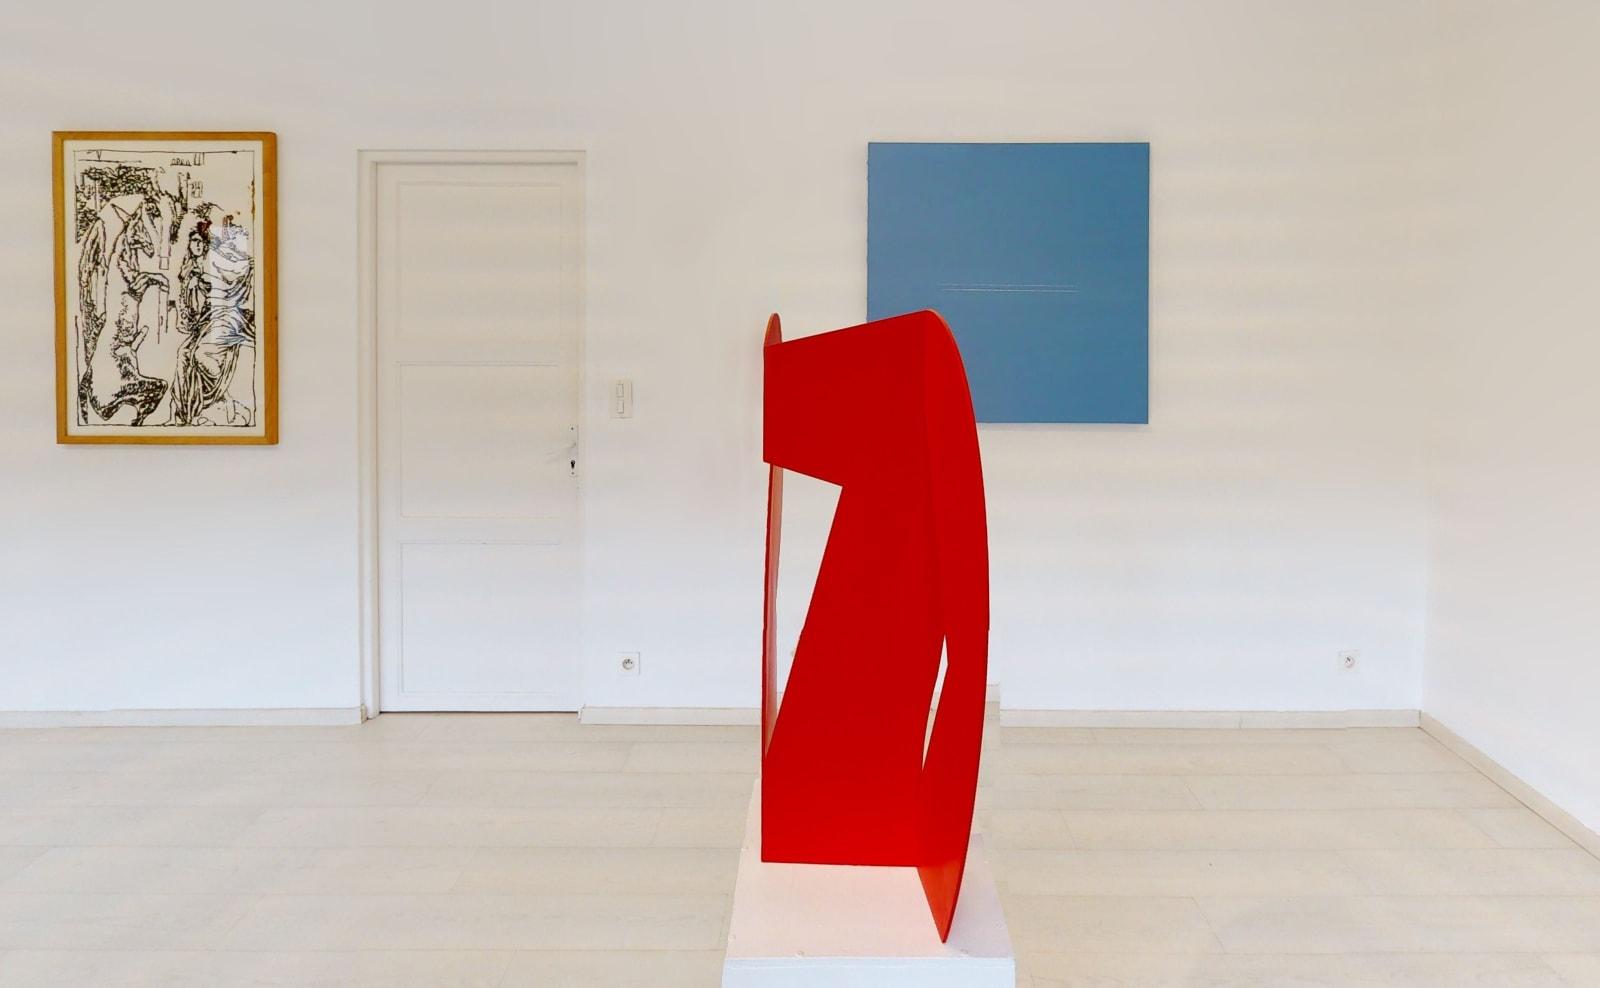 Exposition anniversaire ONIRIS 35 ANS / JP Pincemin + Geneviève Asse + Alain Clément / Oniris été 2021